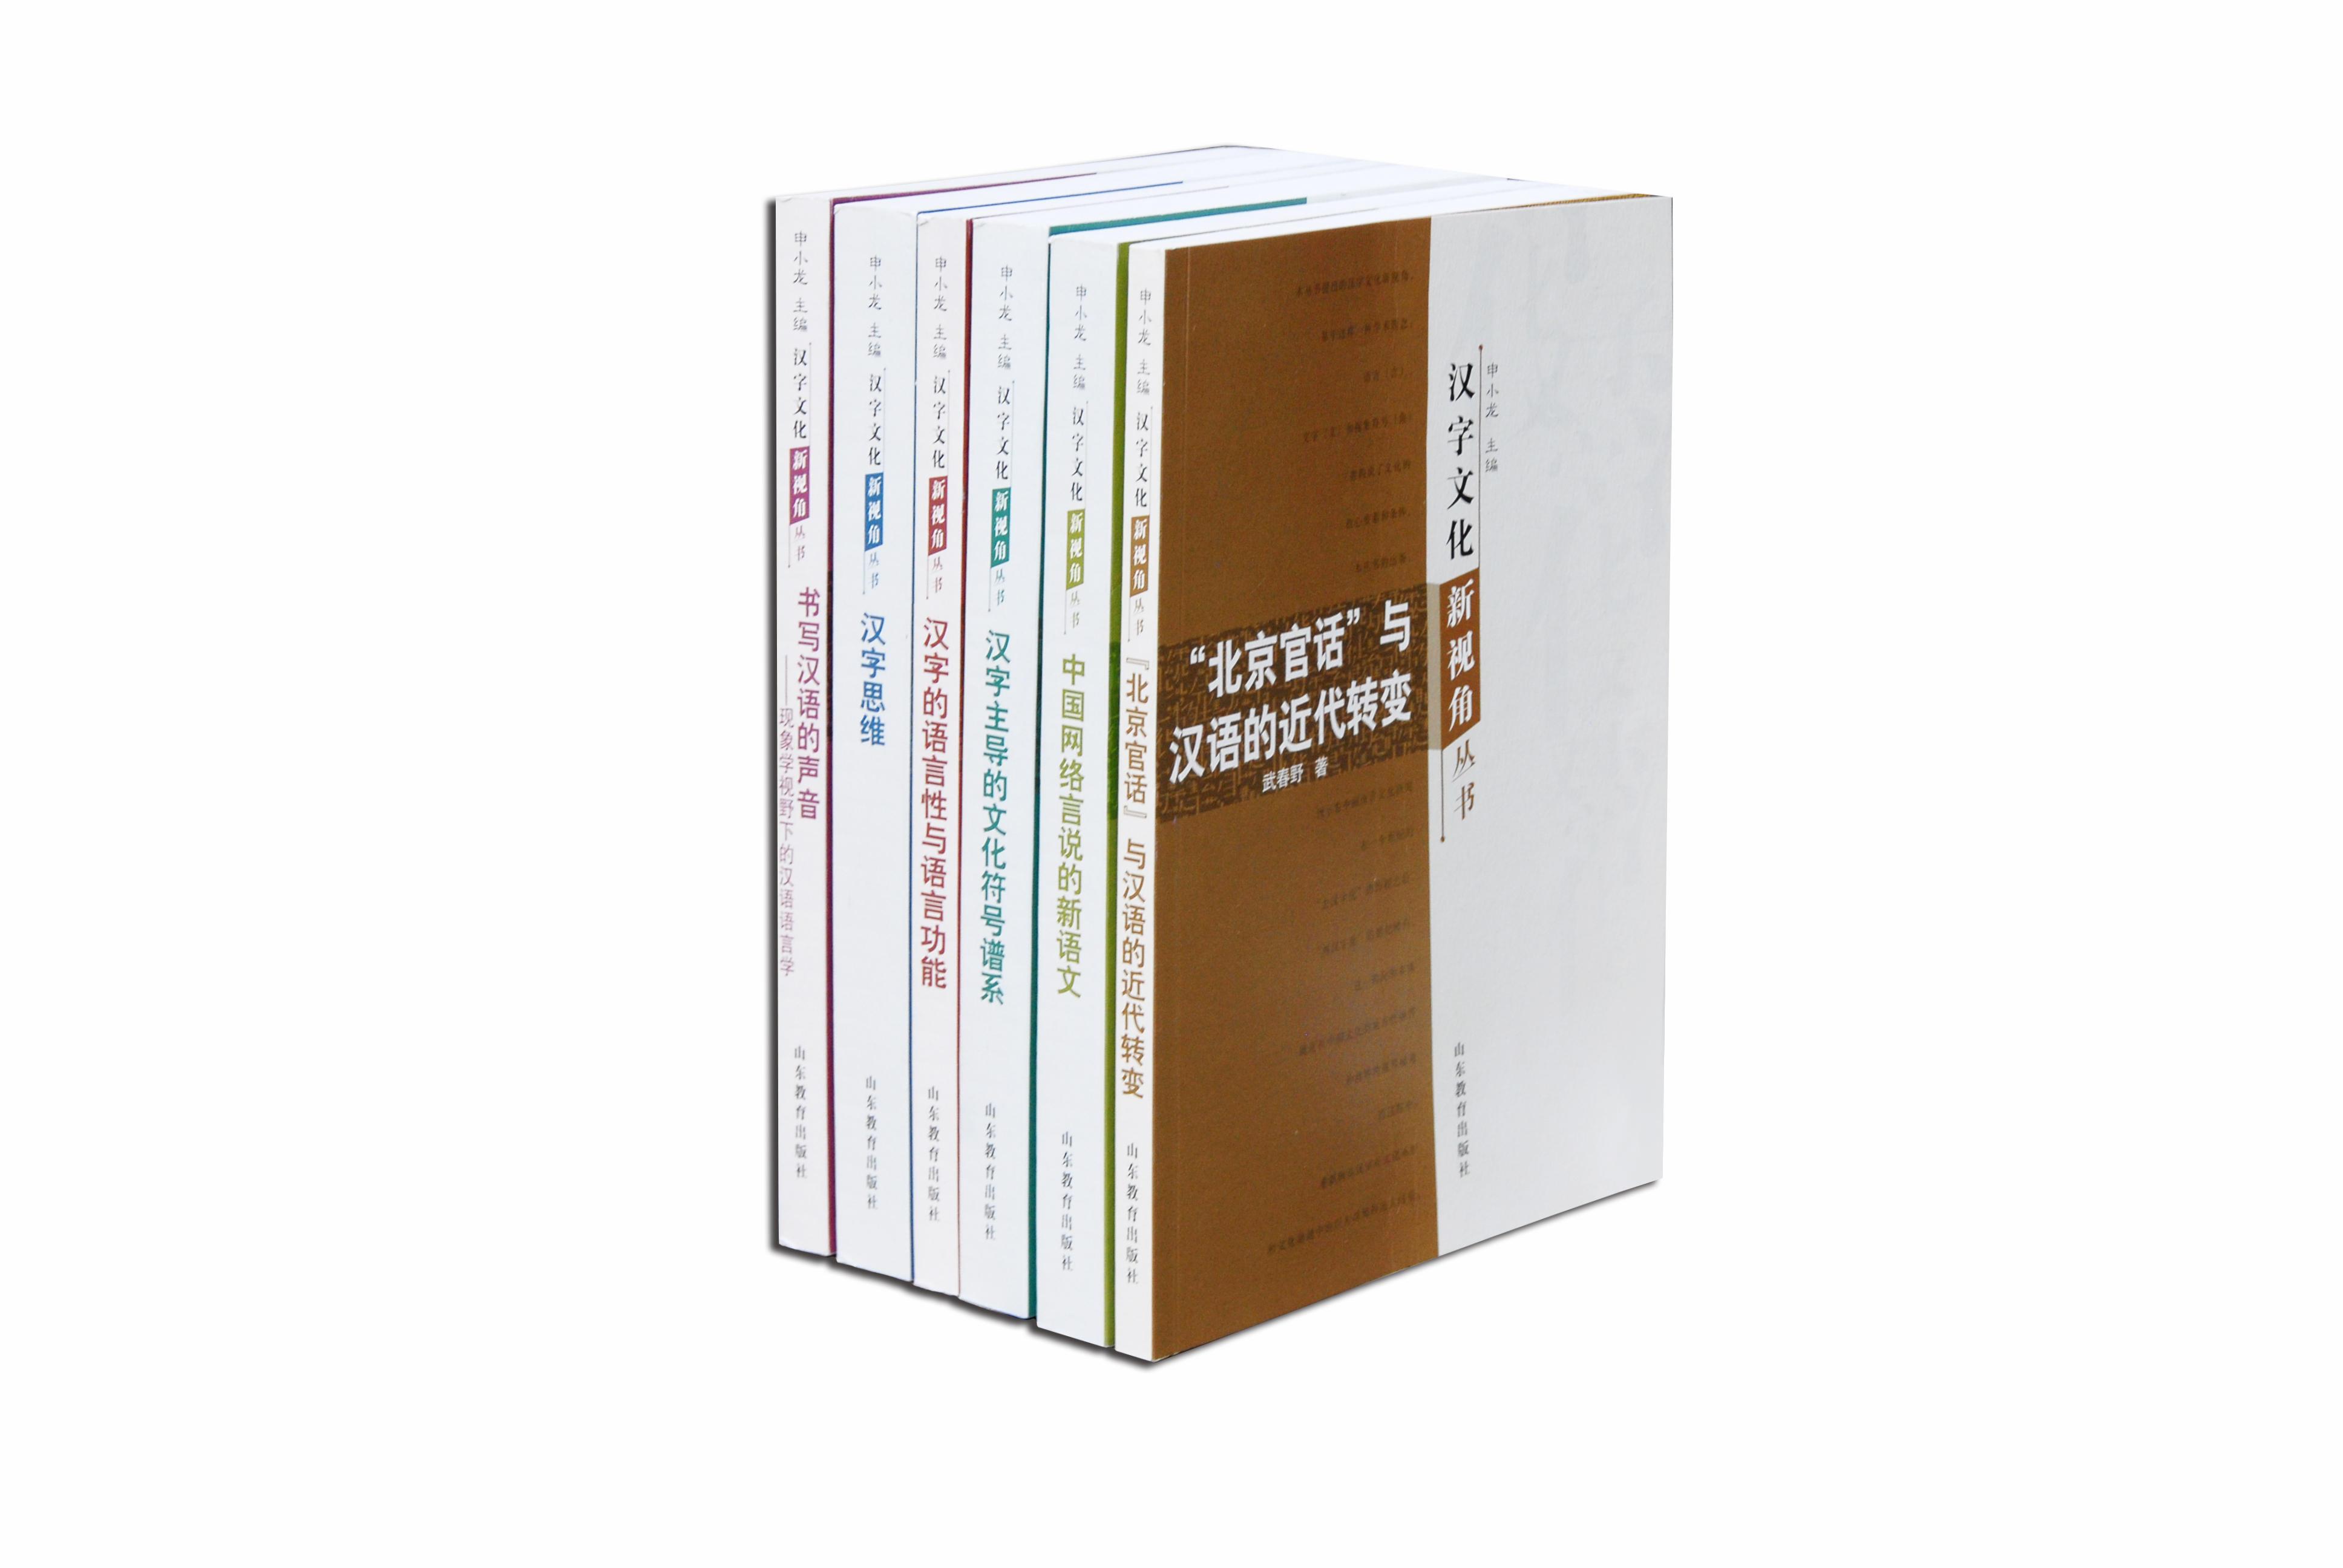 汉字文化新视角丛书(6册)(入选《中国教育报》教师喜爱的100种书)